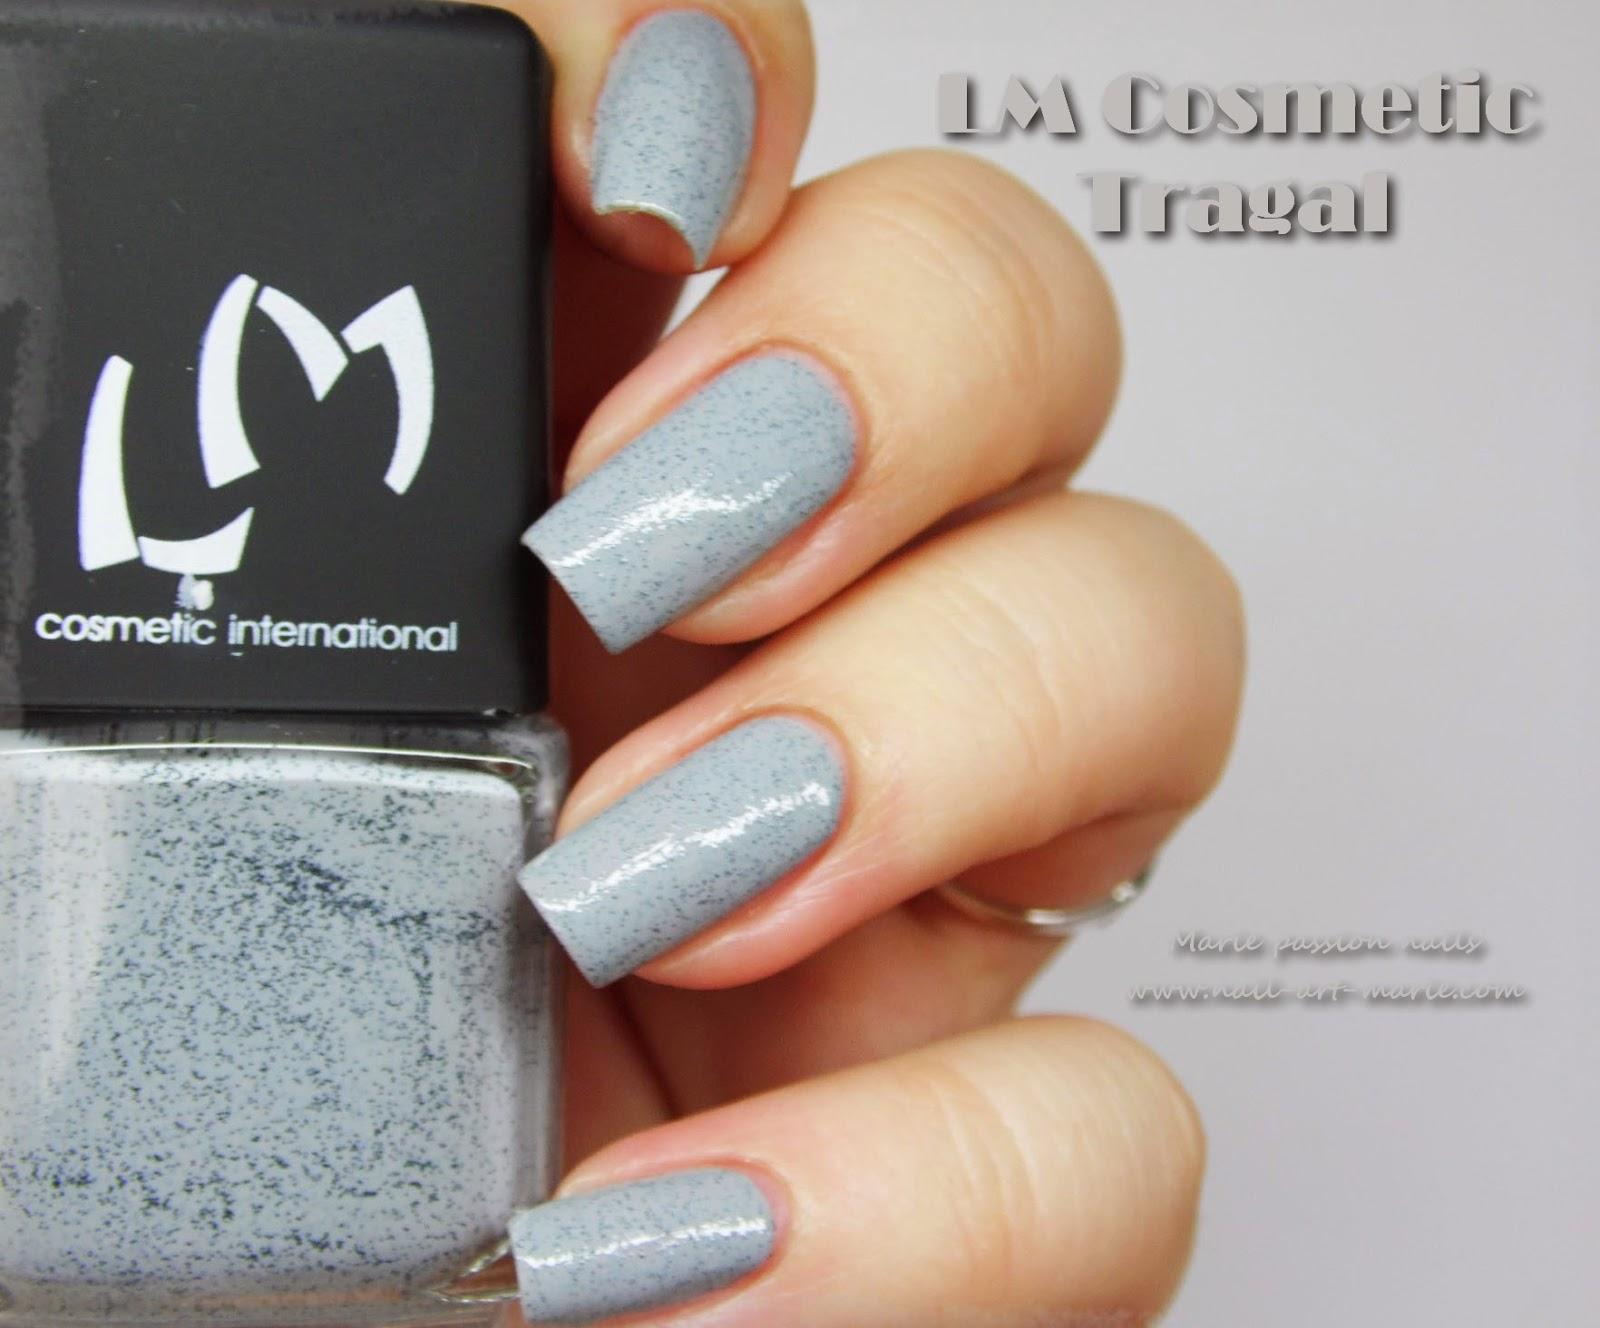 LM Cosmetic Tragal1